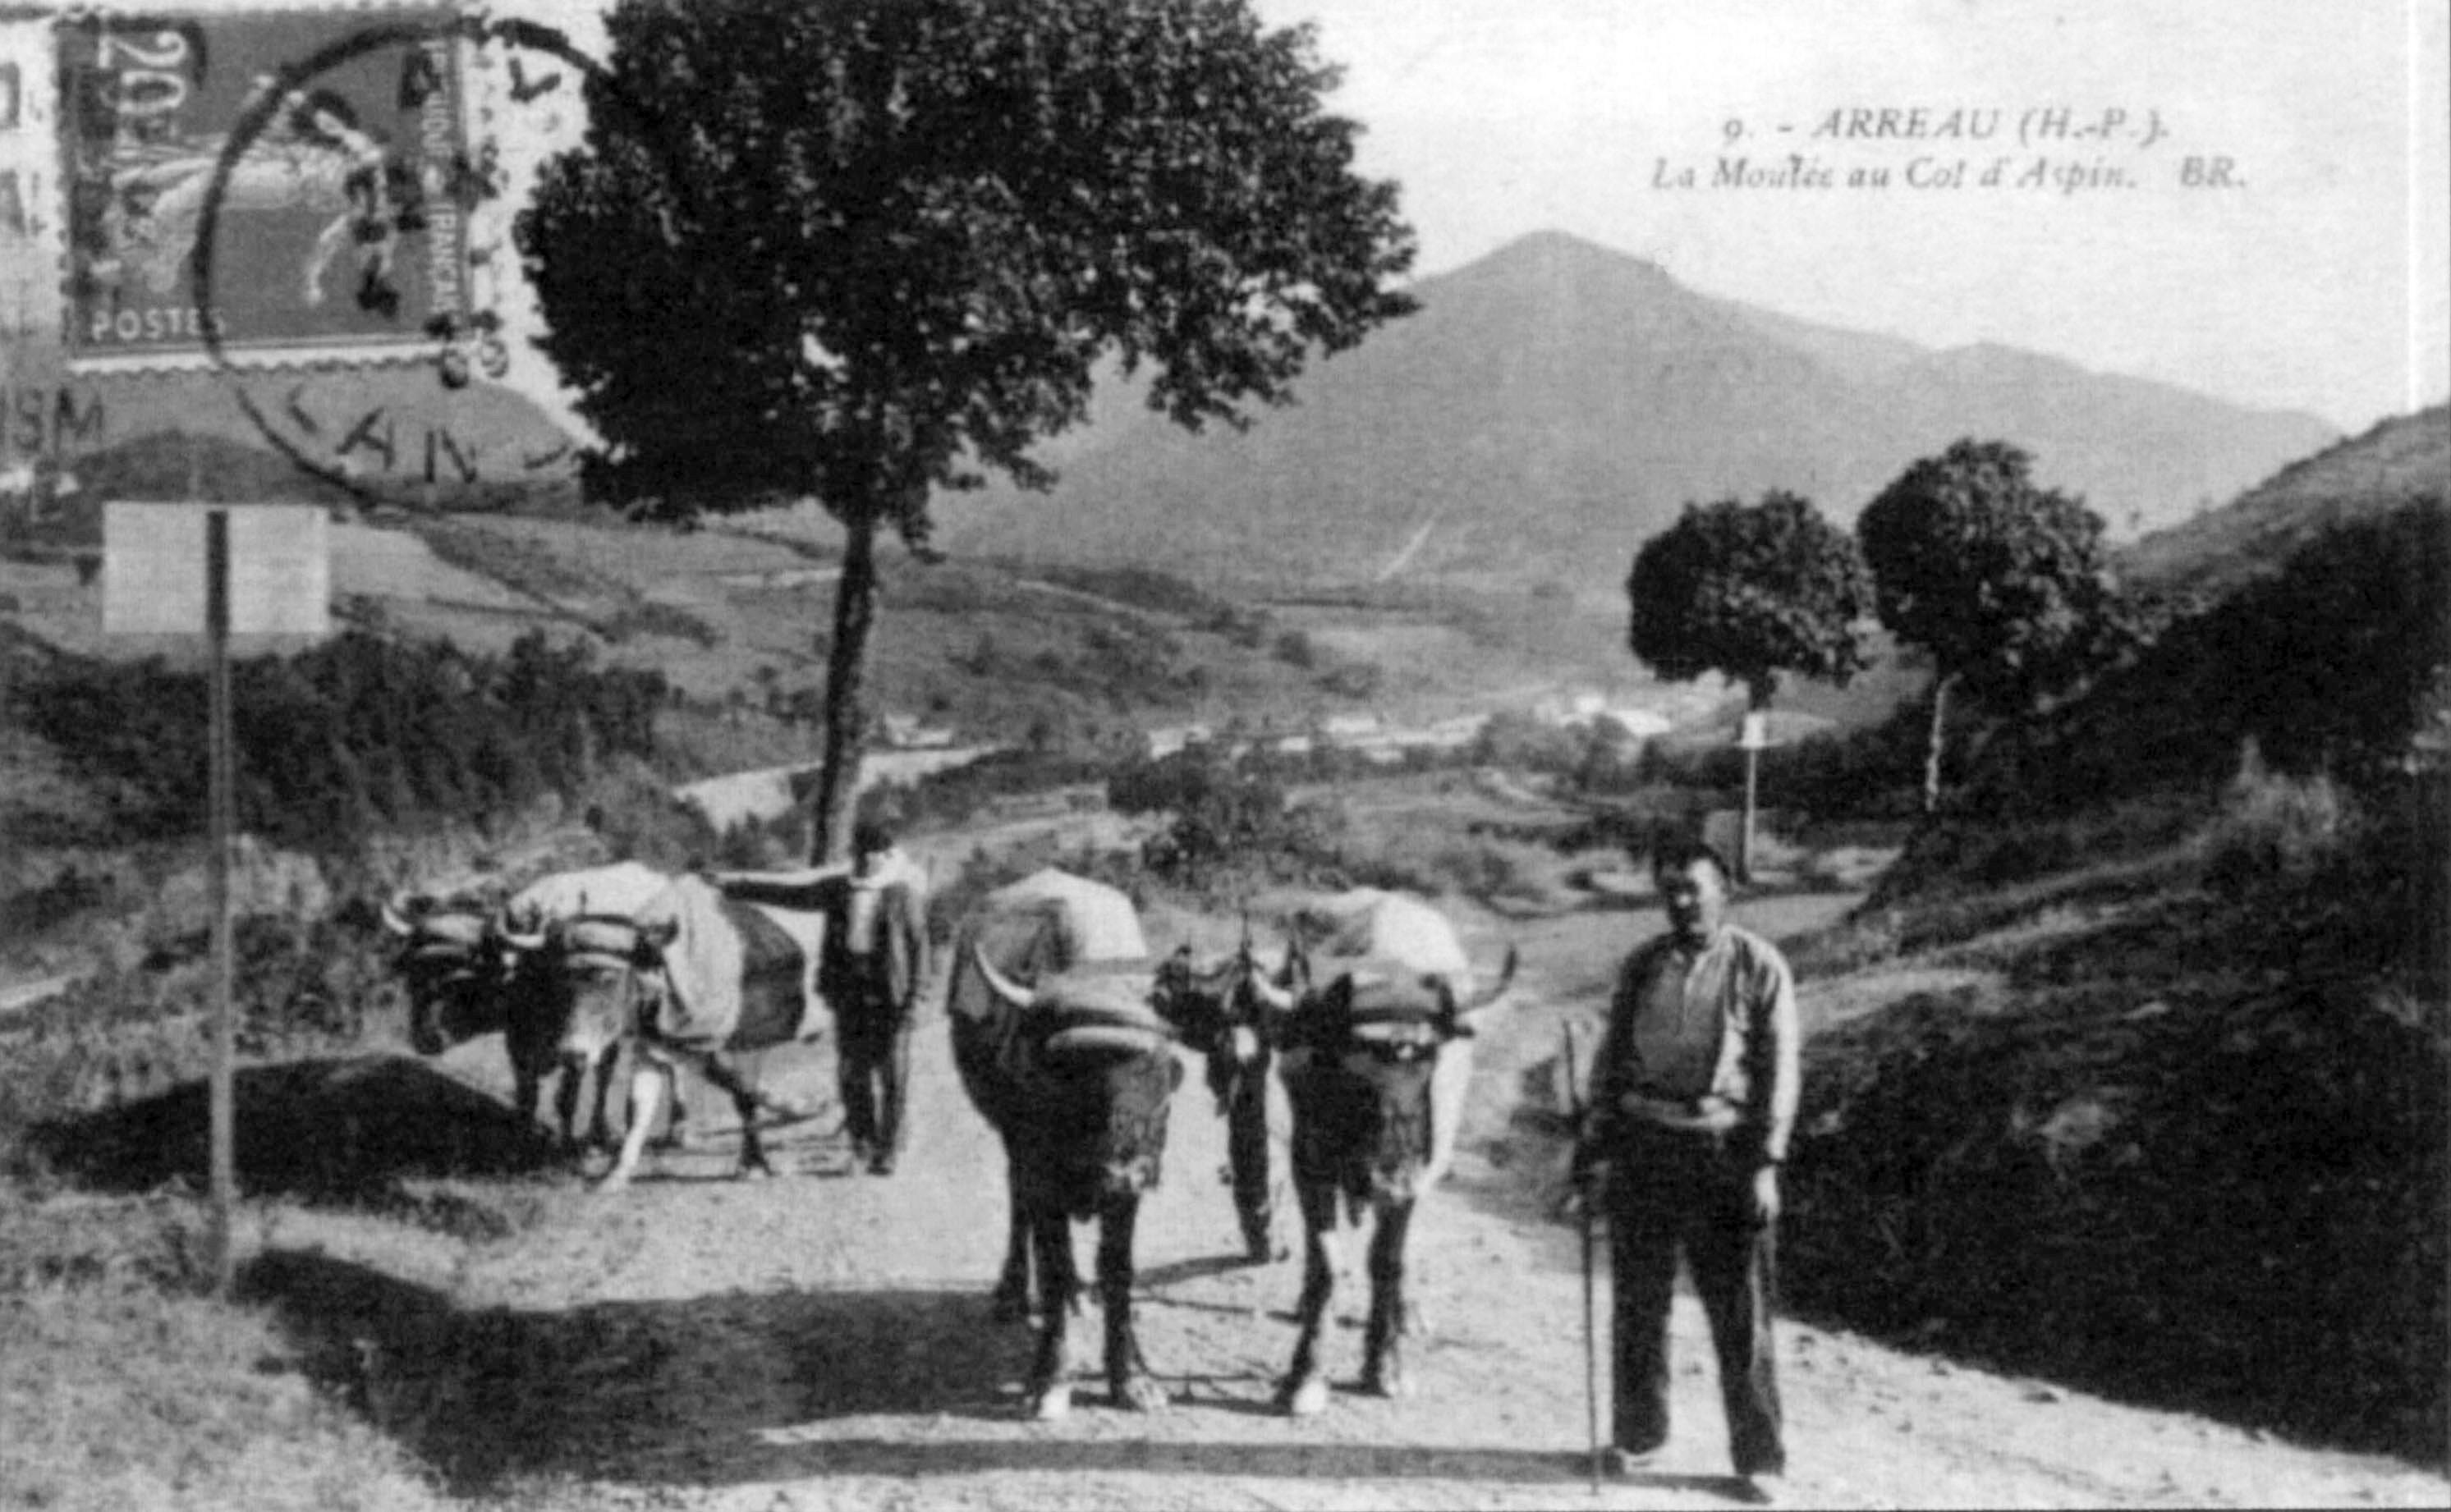 Attelage sur la route du col d'Aspin